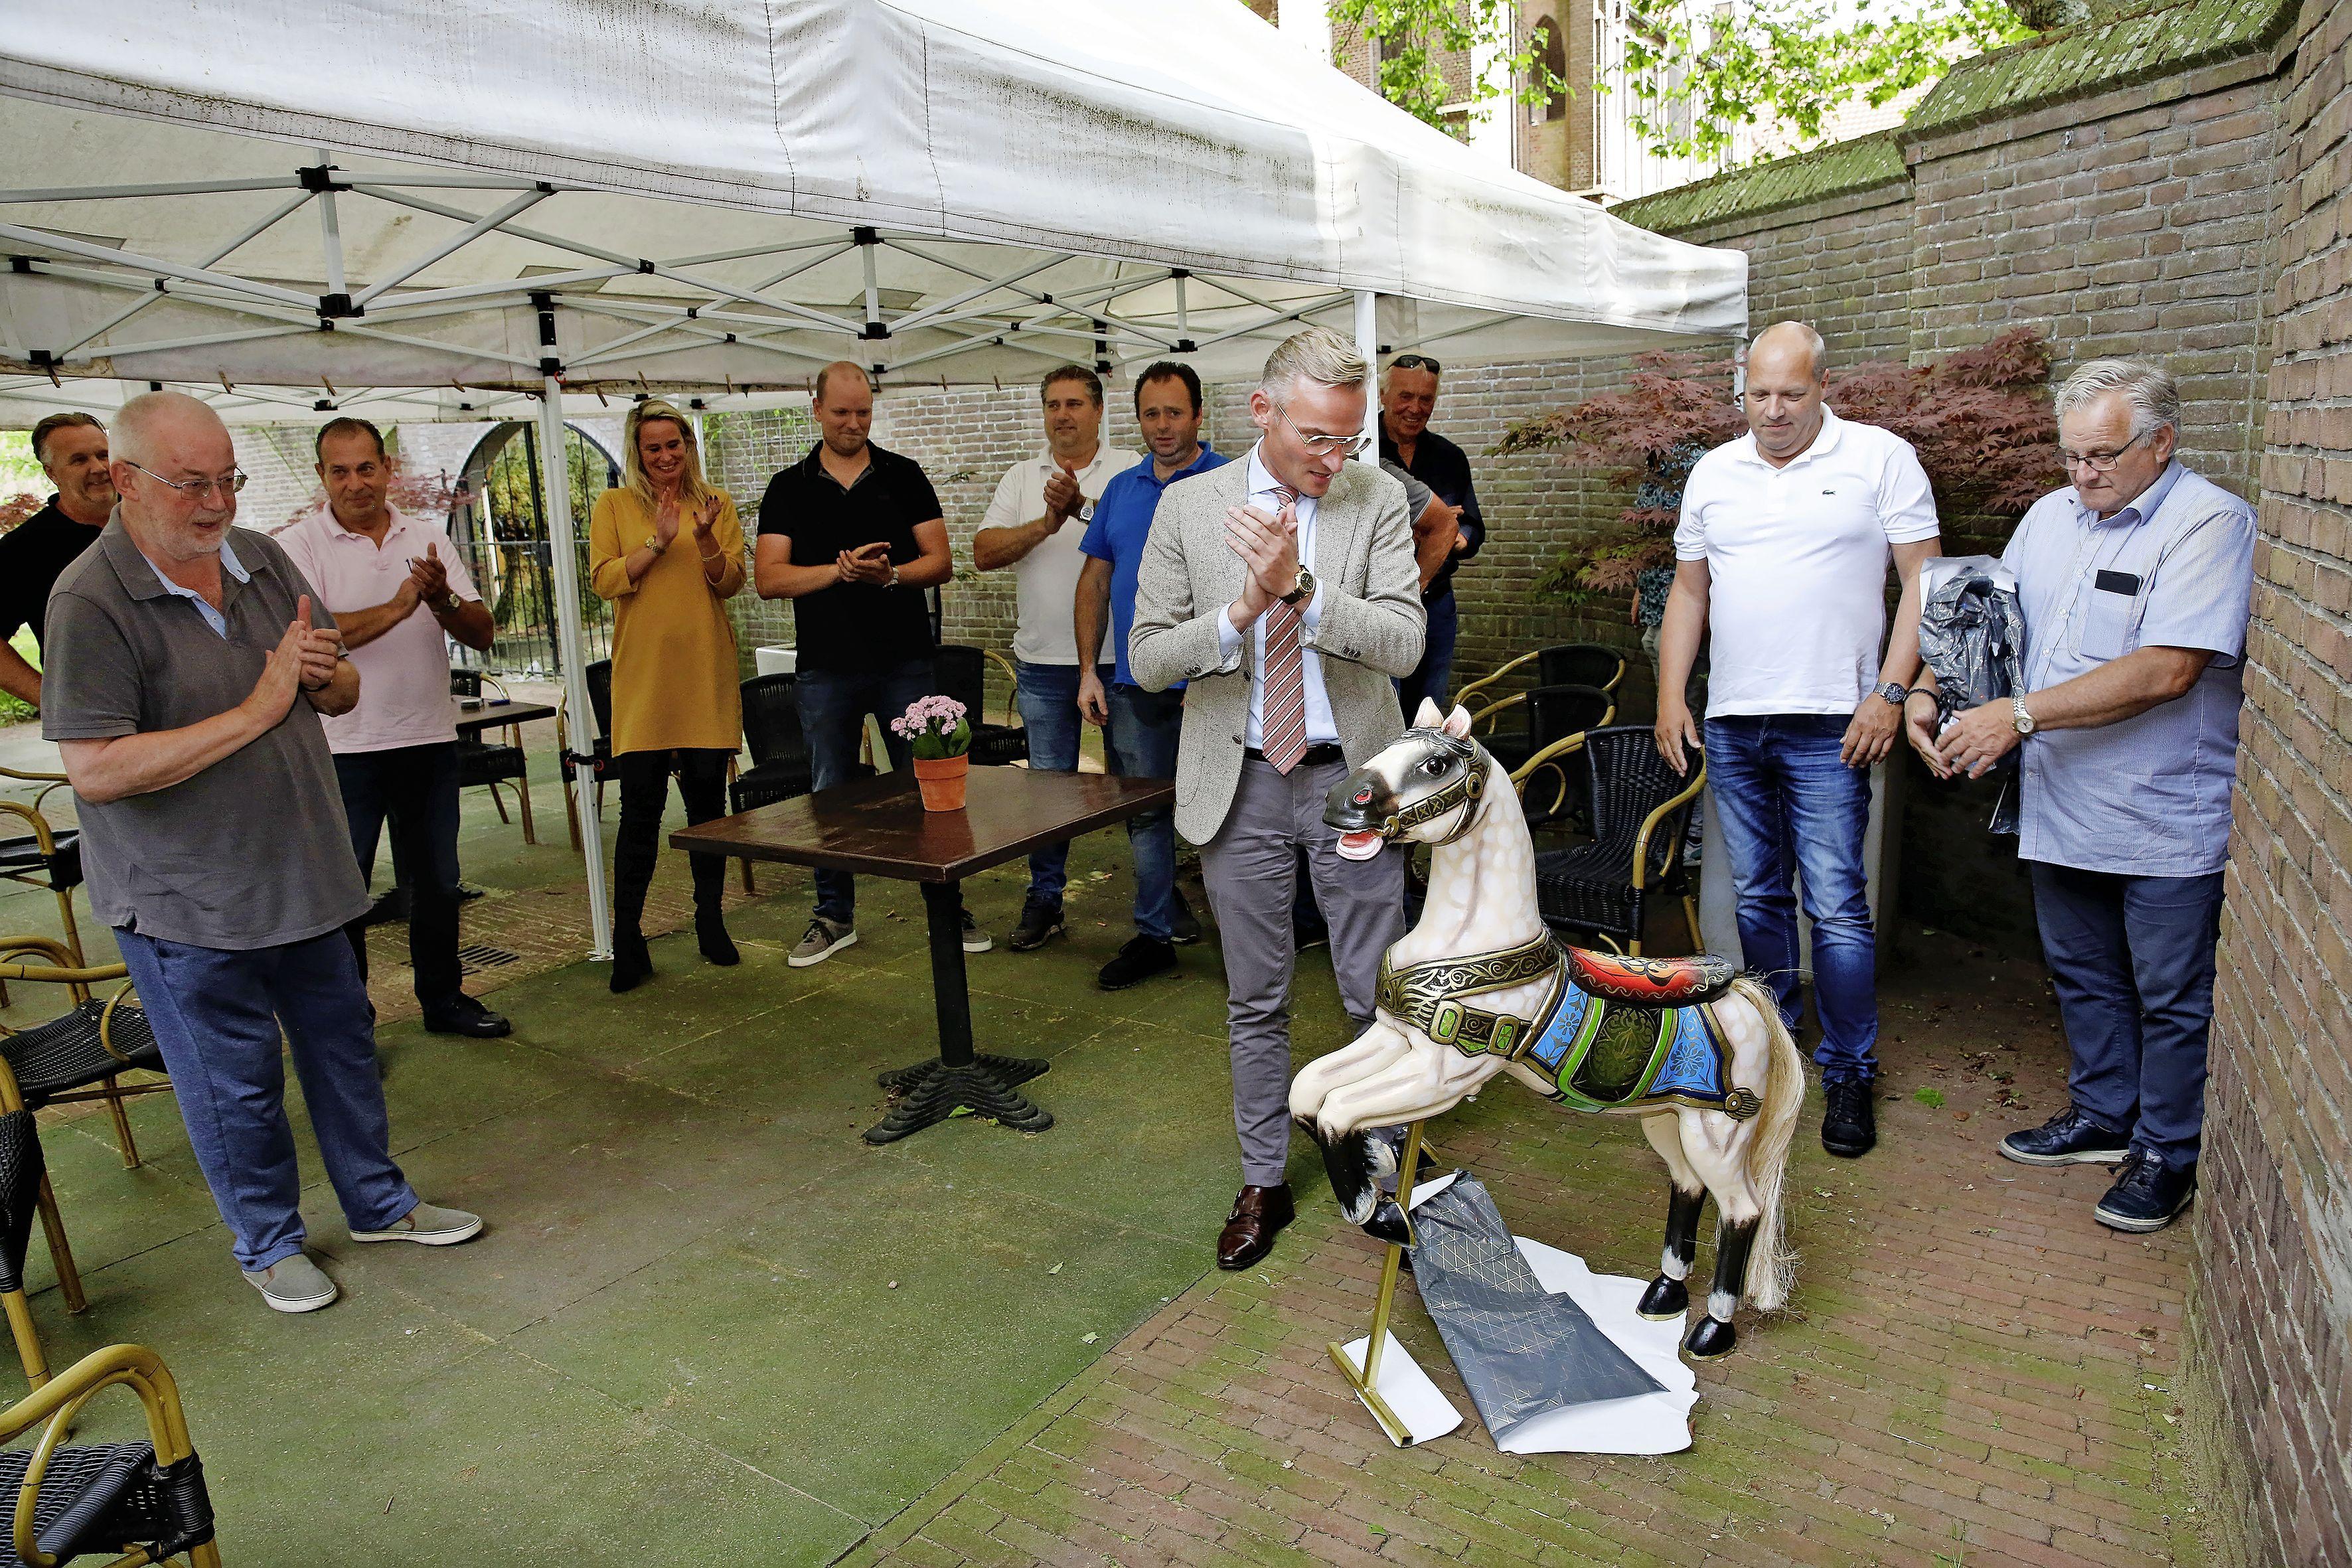 Kermisexploitanten overhandigen kermispaard aan Larense burgemeester; 'Hoe mooi om al die botsauto's weer te zien krioelen. Ik was als een kind zo blij'